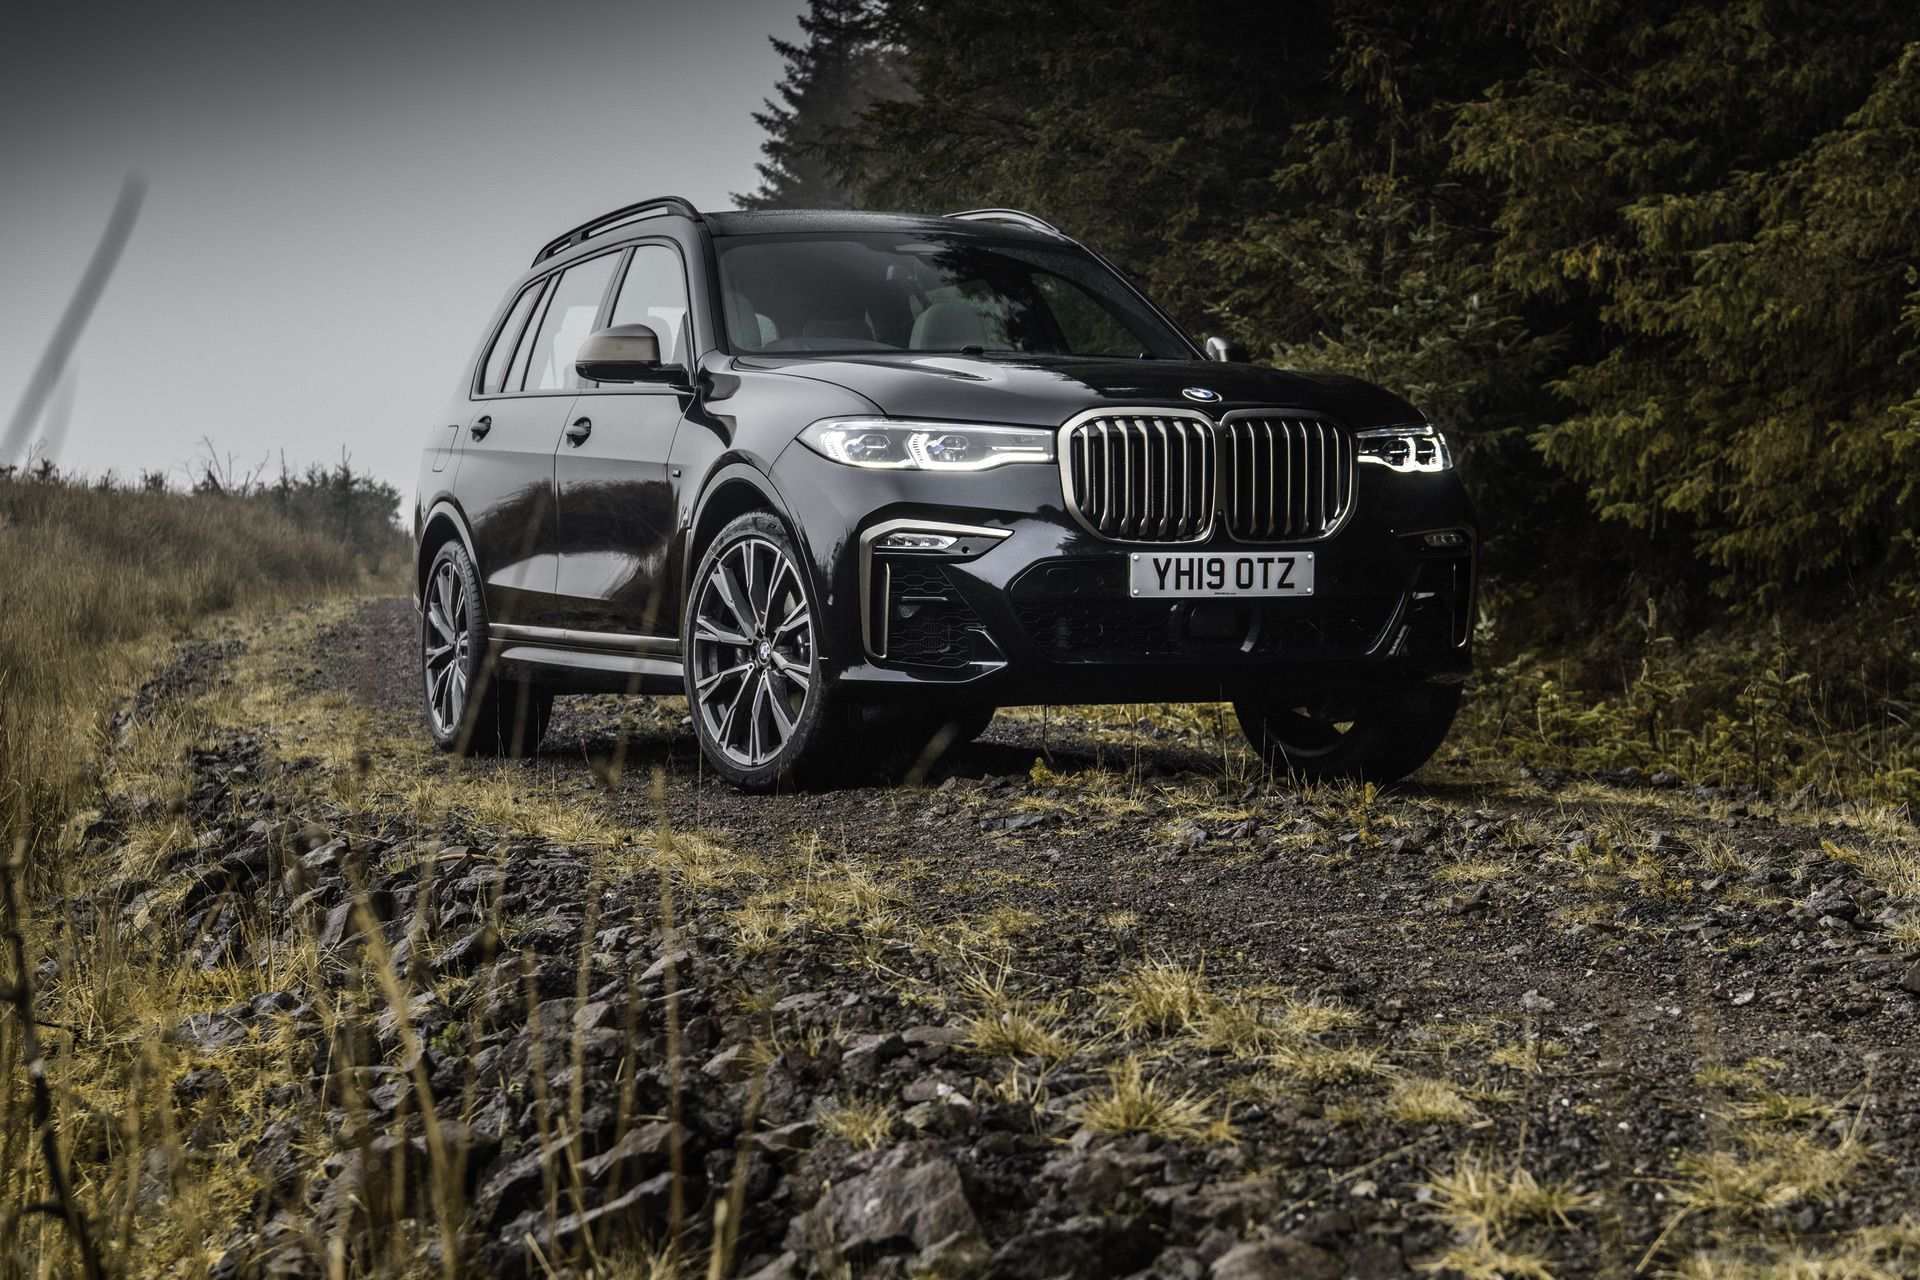 BMW X7 m50d black color 21